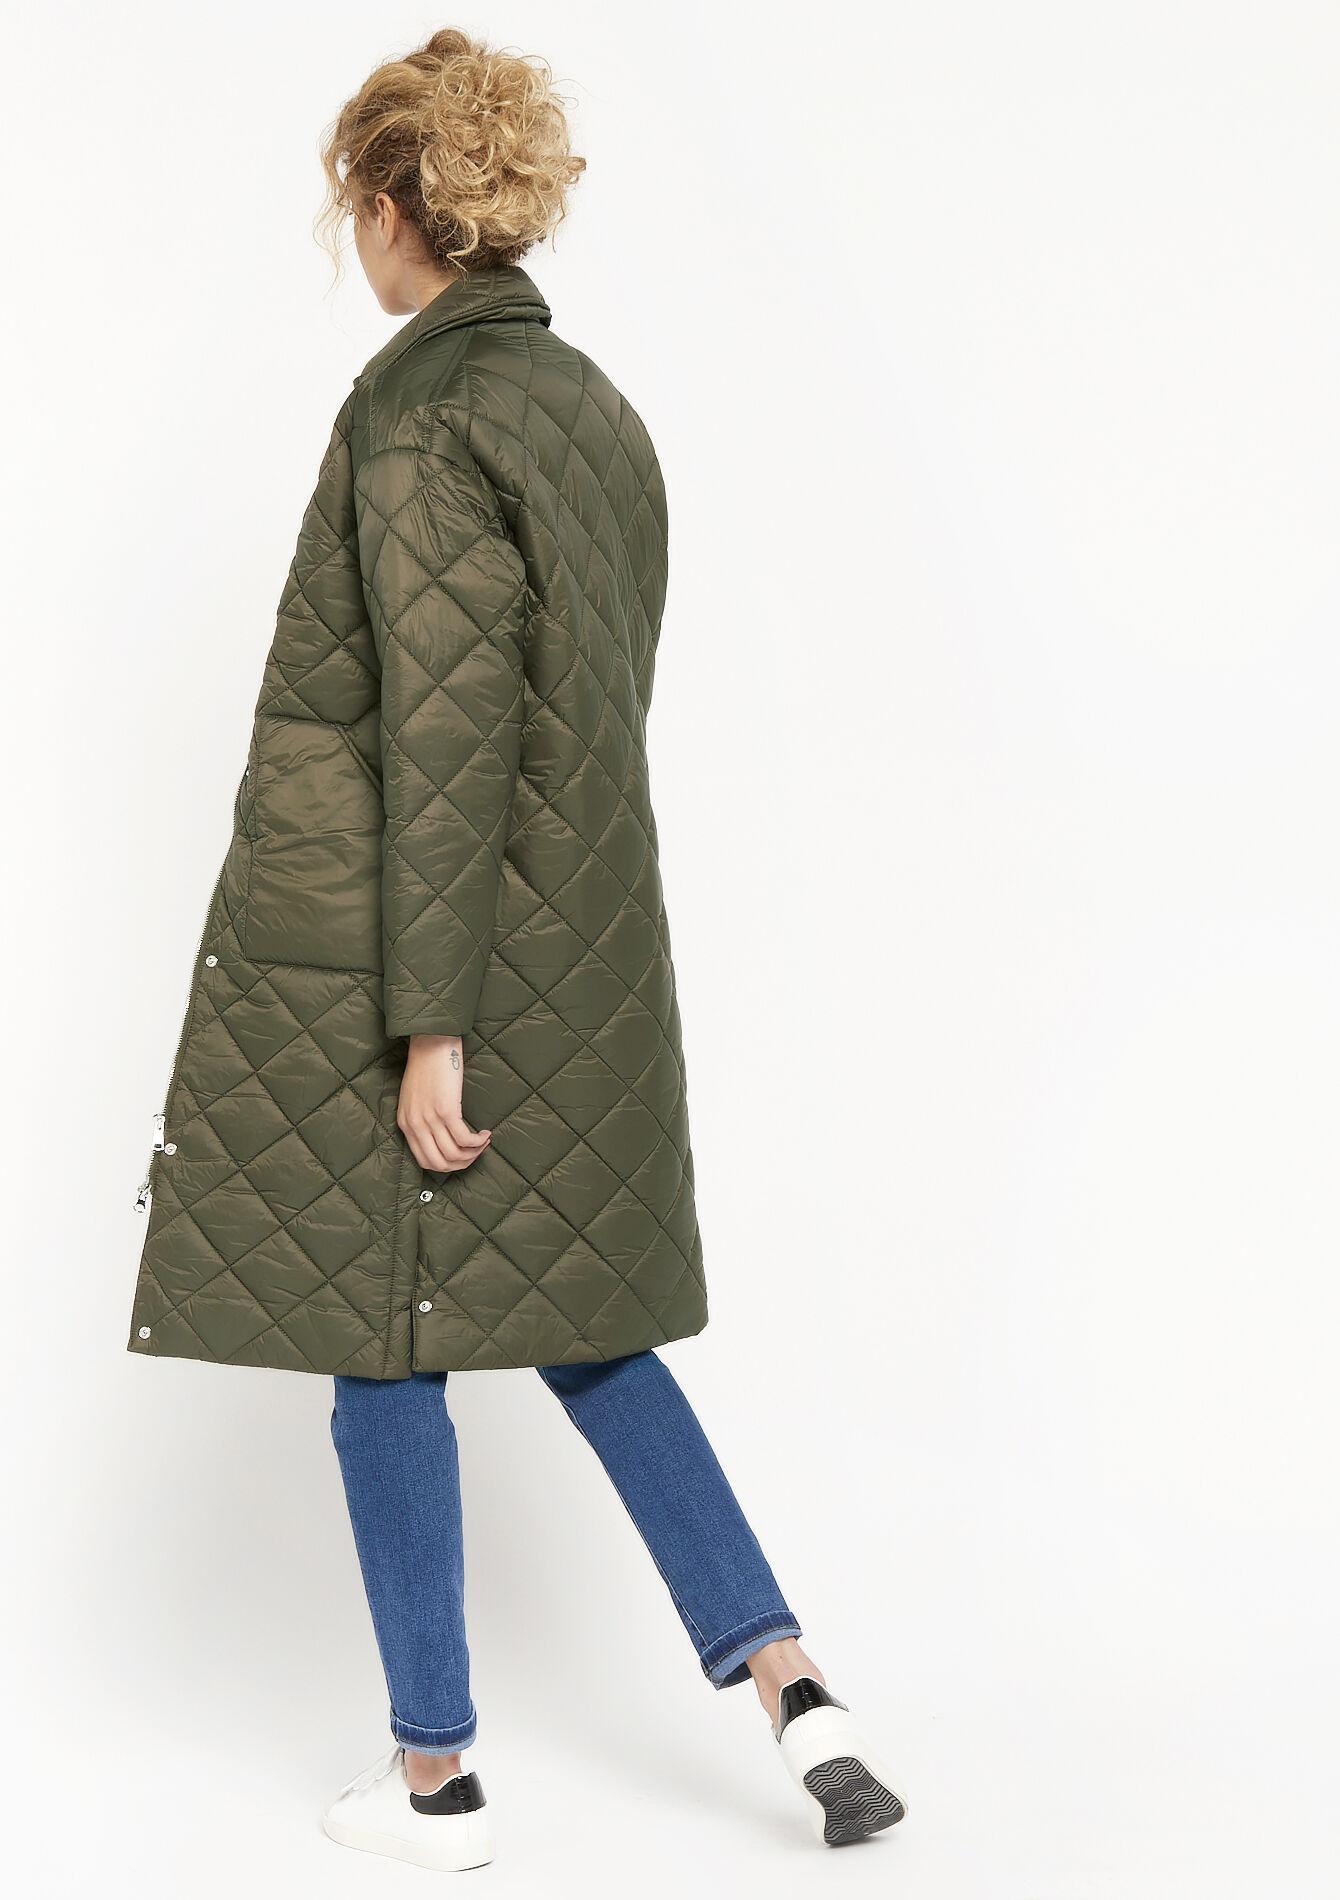 La longue veste matelassée